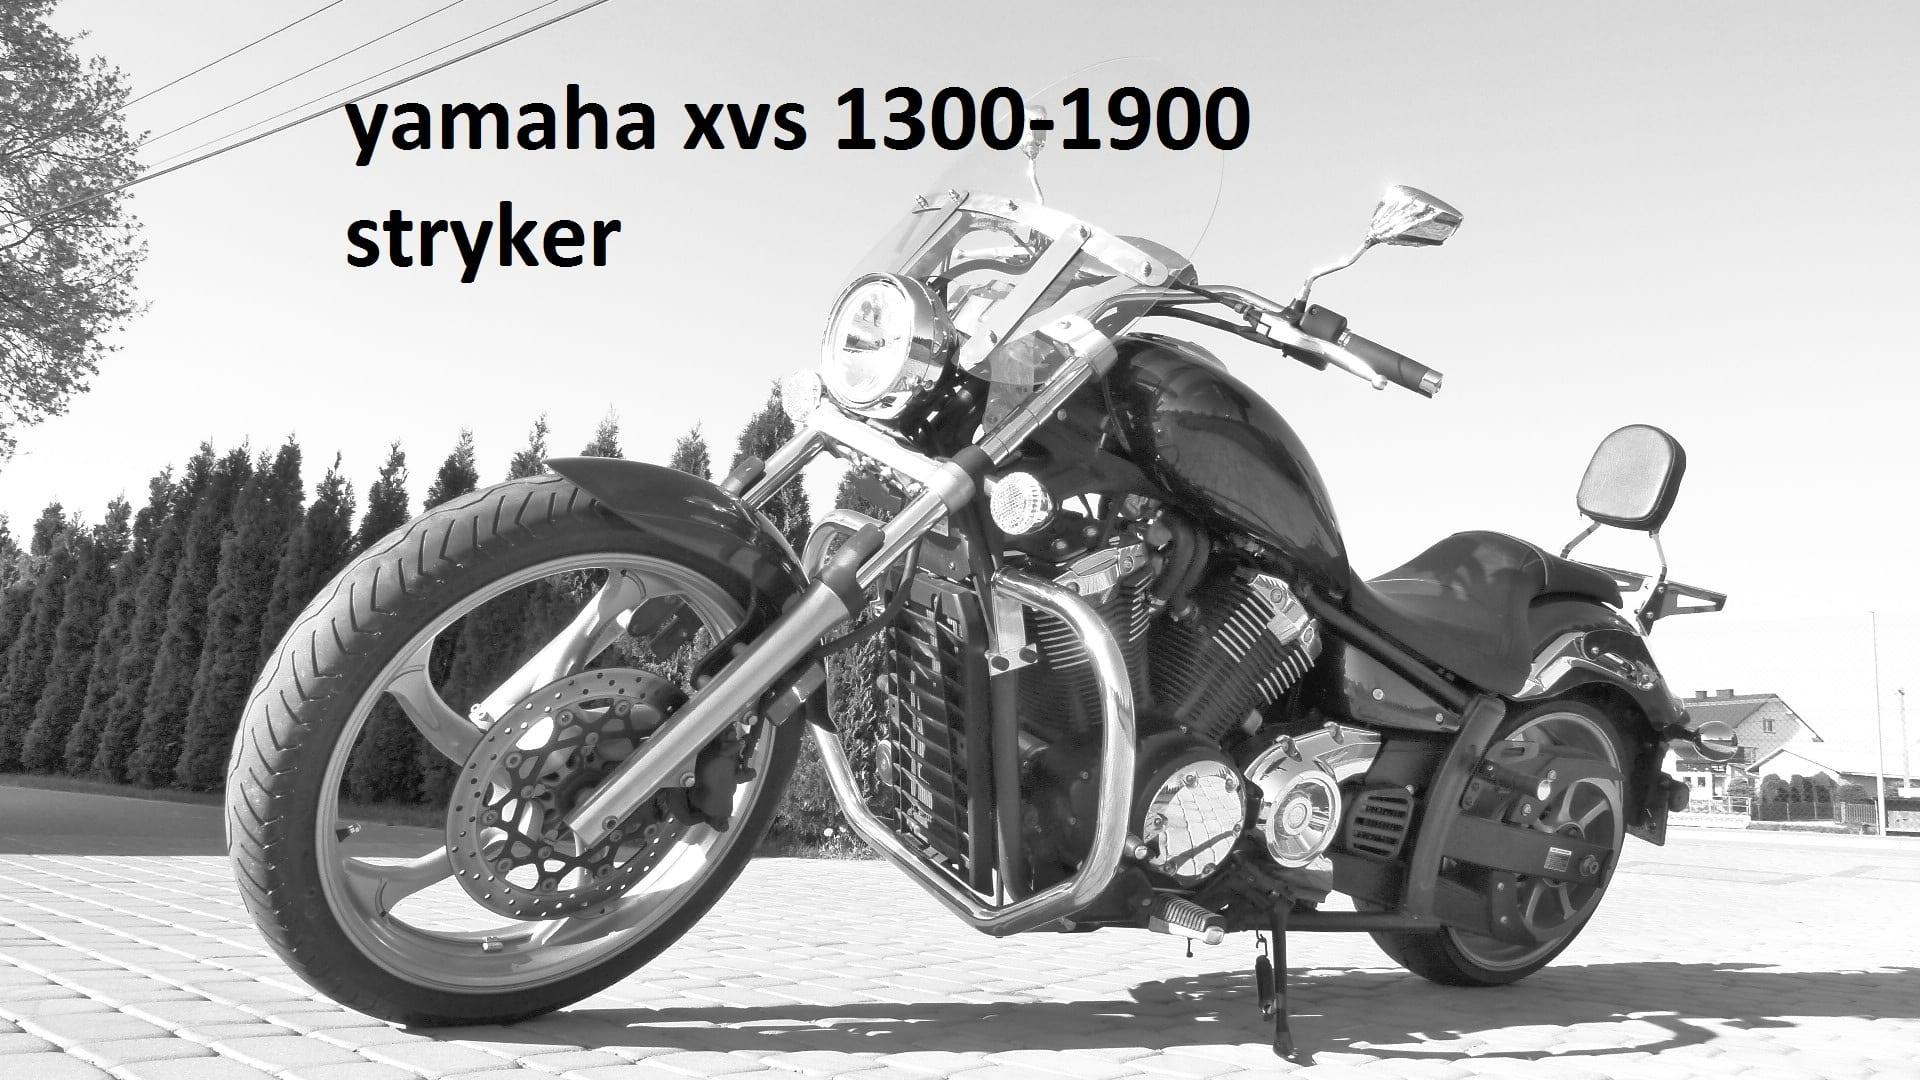 Szyba yamaha xvs 1300 stryker 1900